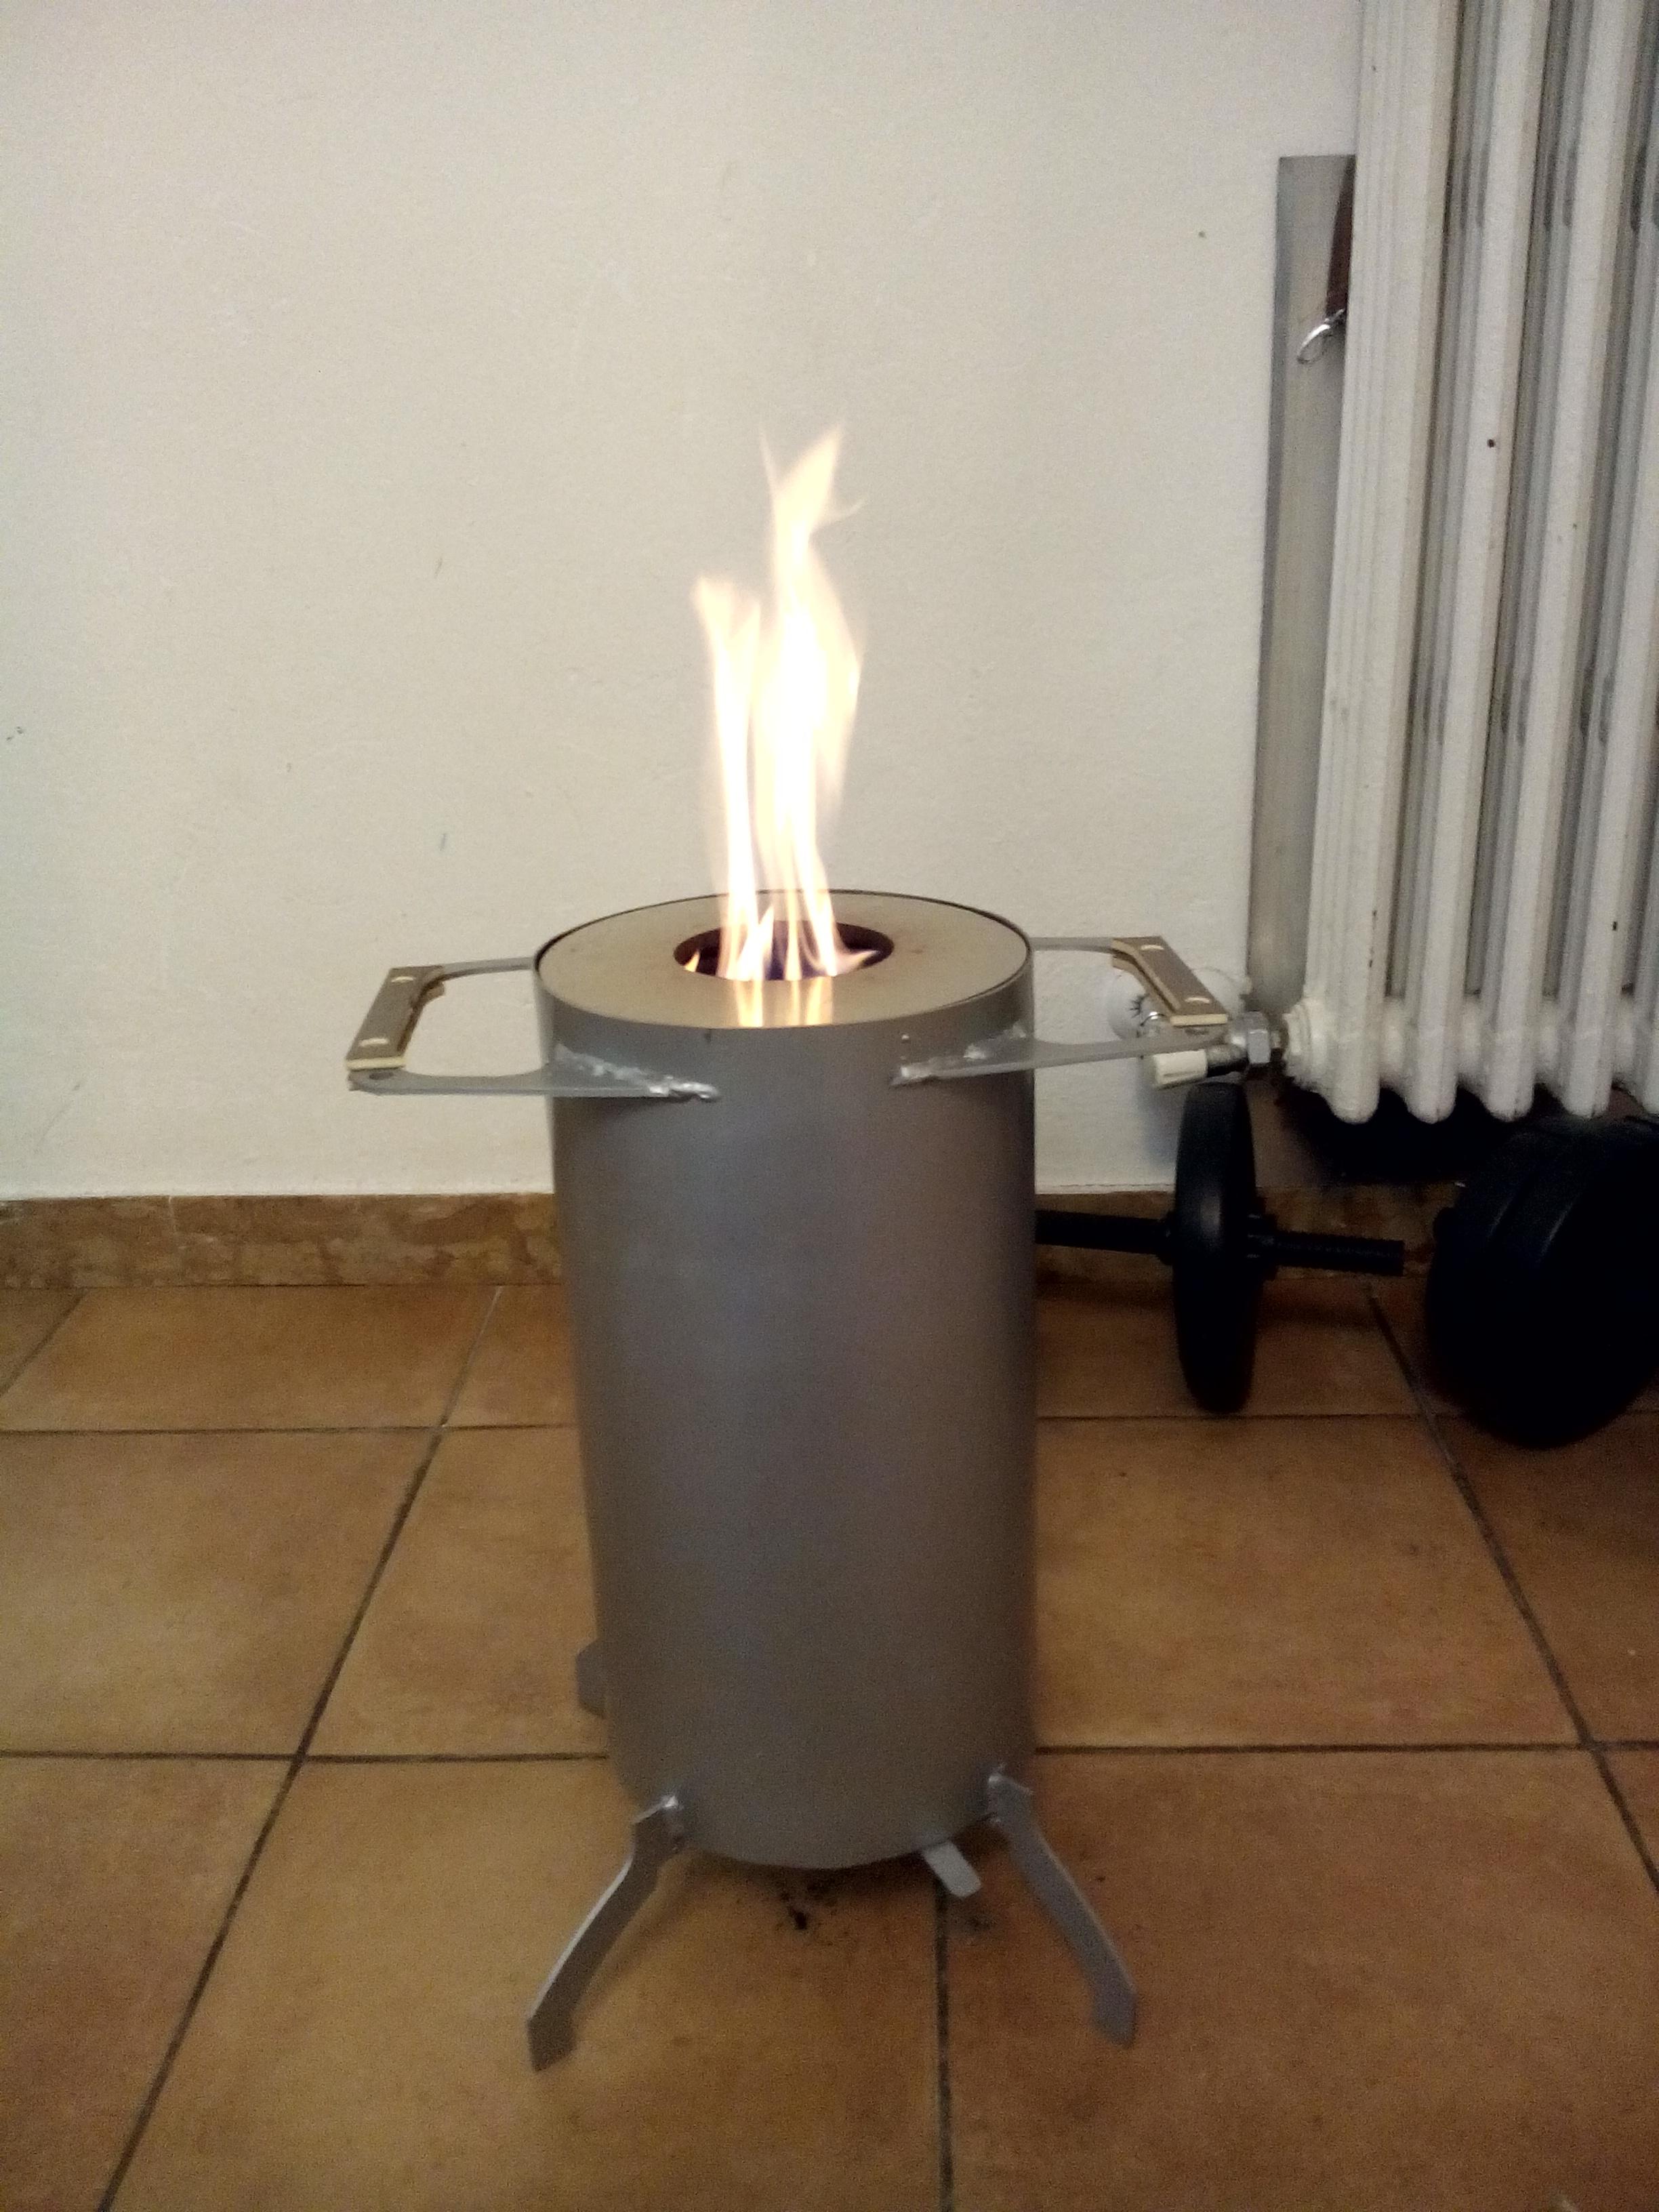 Stuffa pirolitica fai da te autonomia 4 09 ore con 5kg di pe pagina 1 stufe termostufe - Stufa pirolitica per casa ...